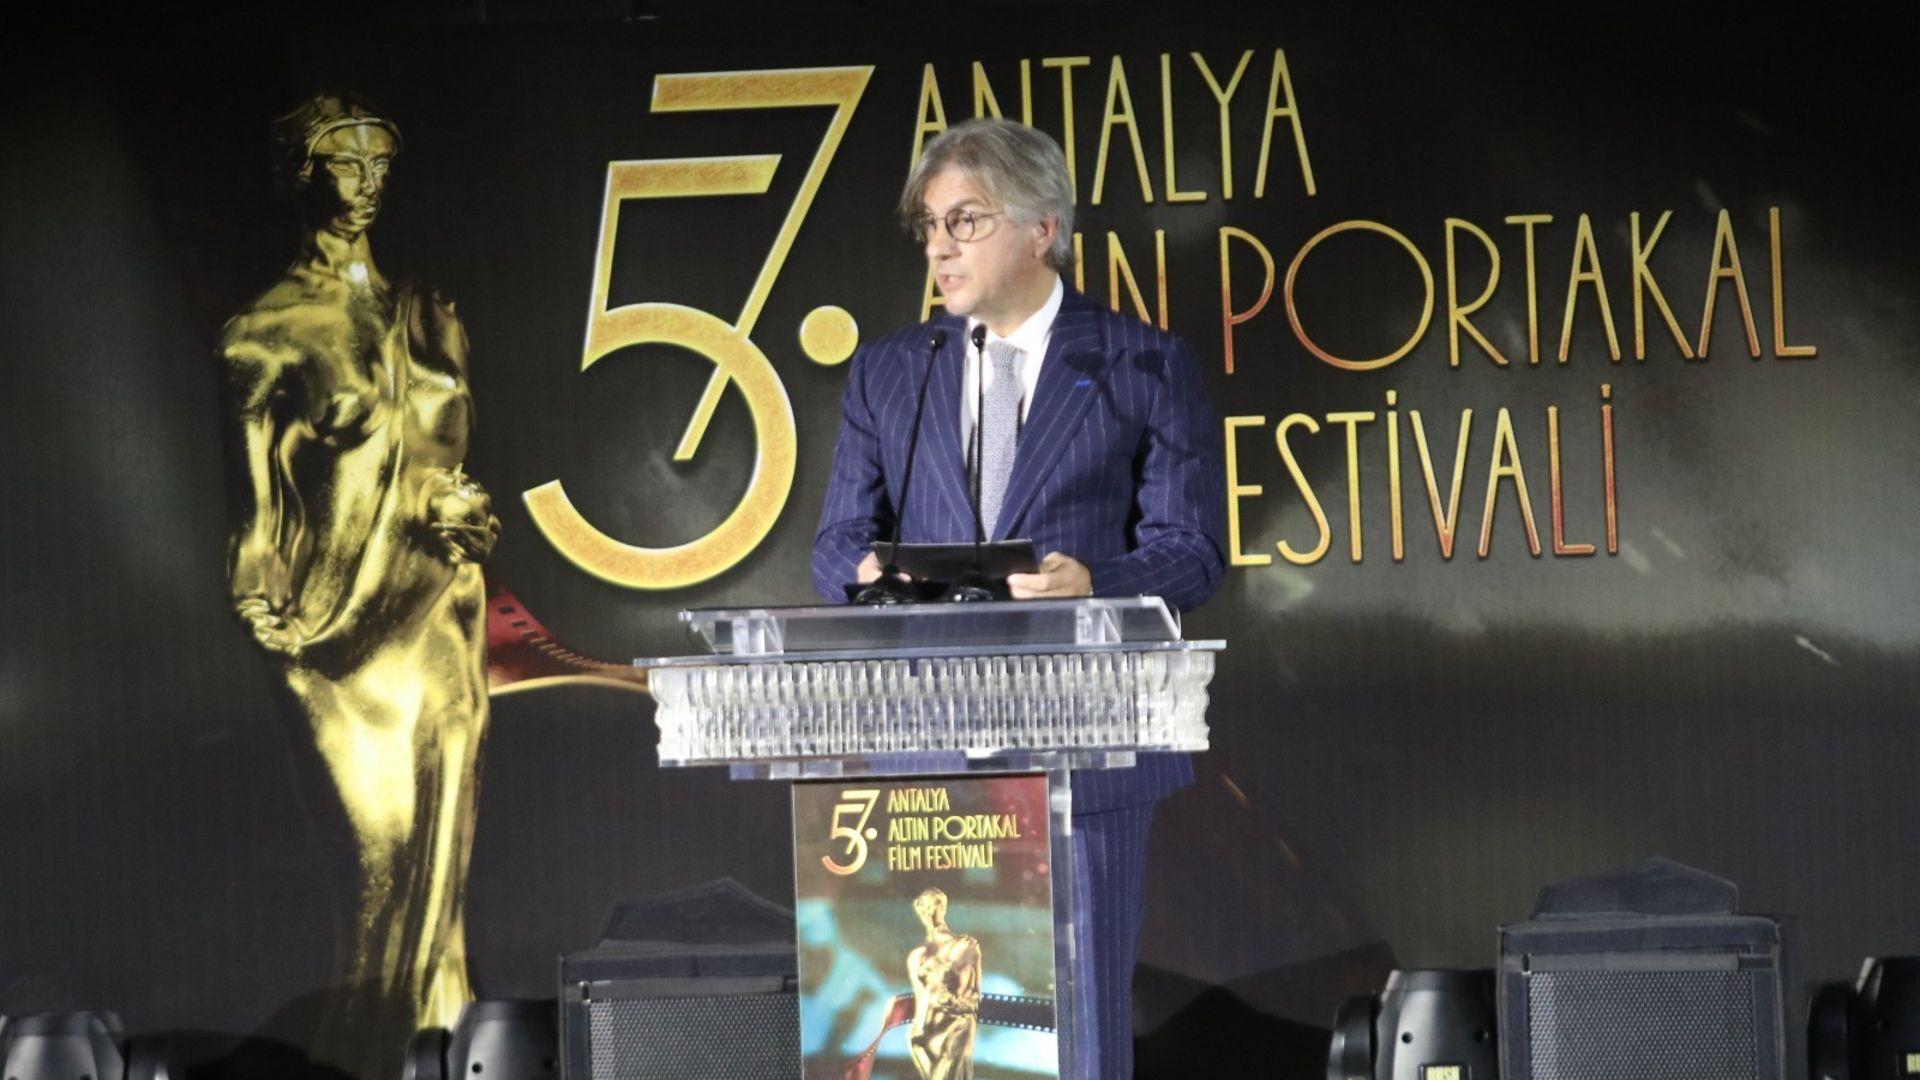 Antalya Altın Portakal Film Festivali Kovid - 19 gölgesinde başladı